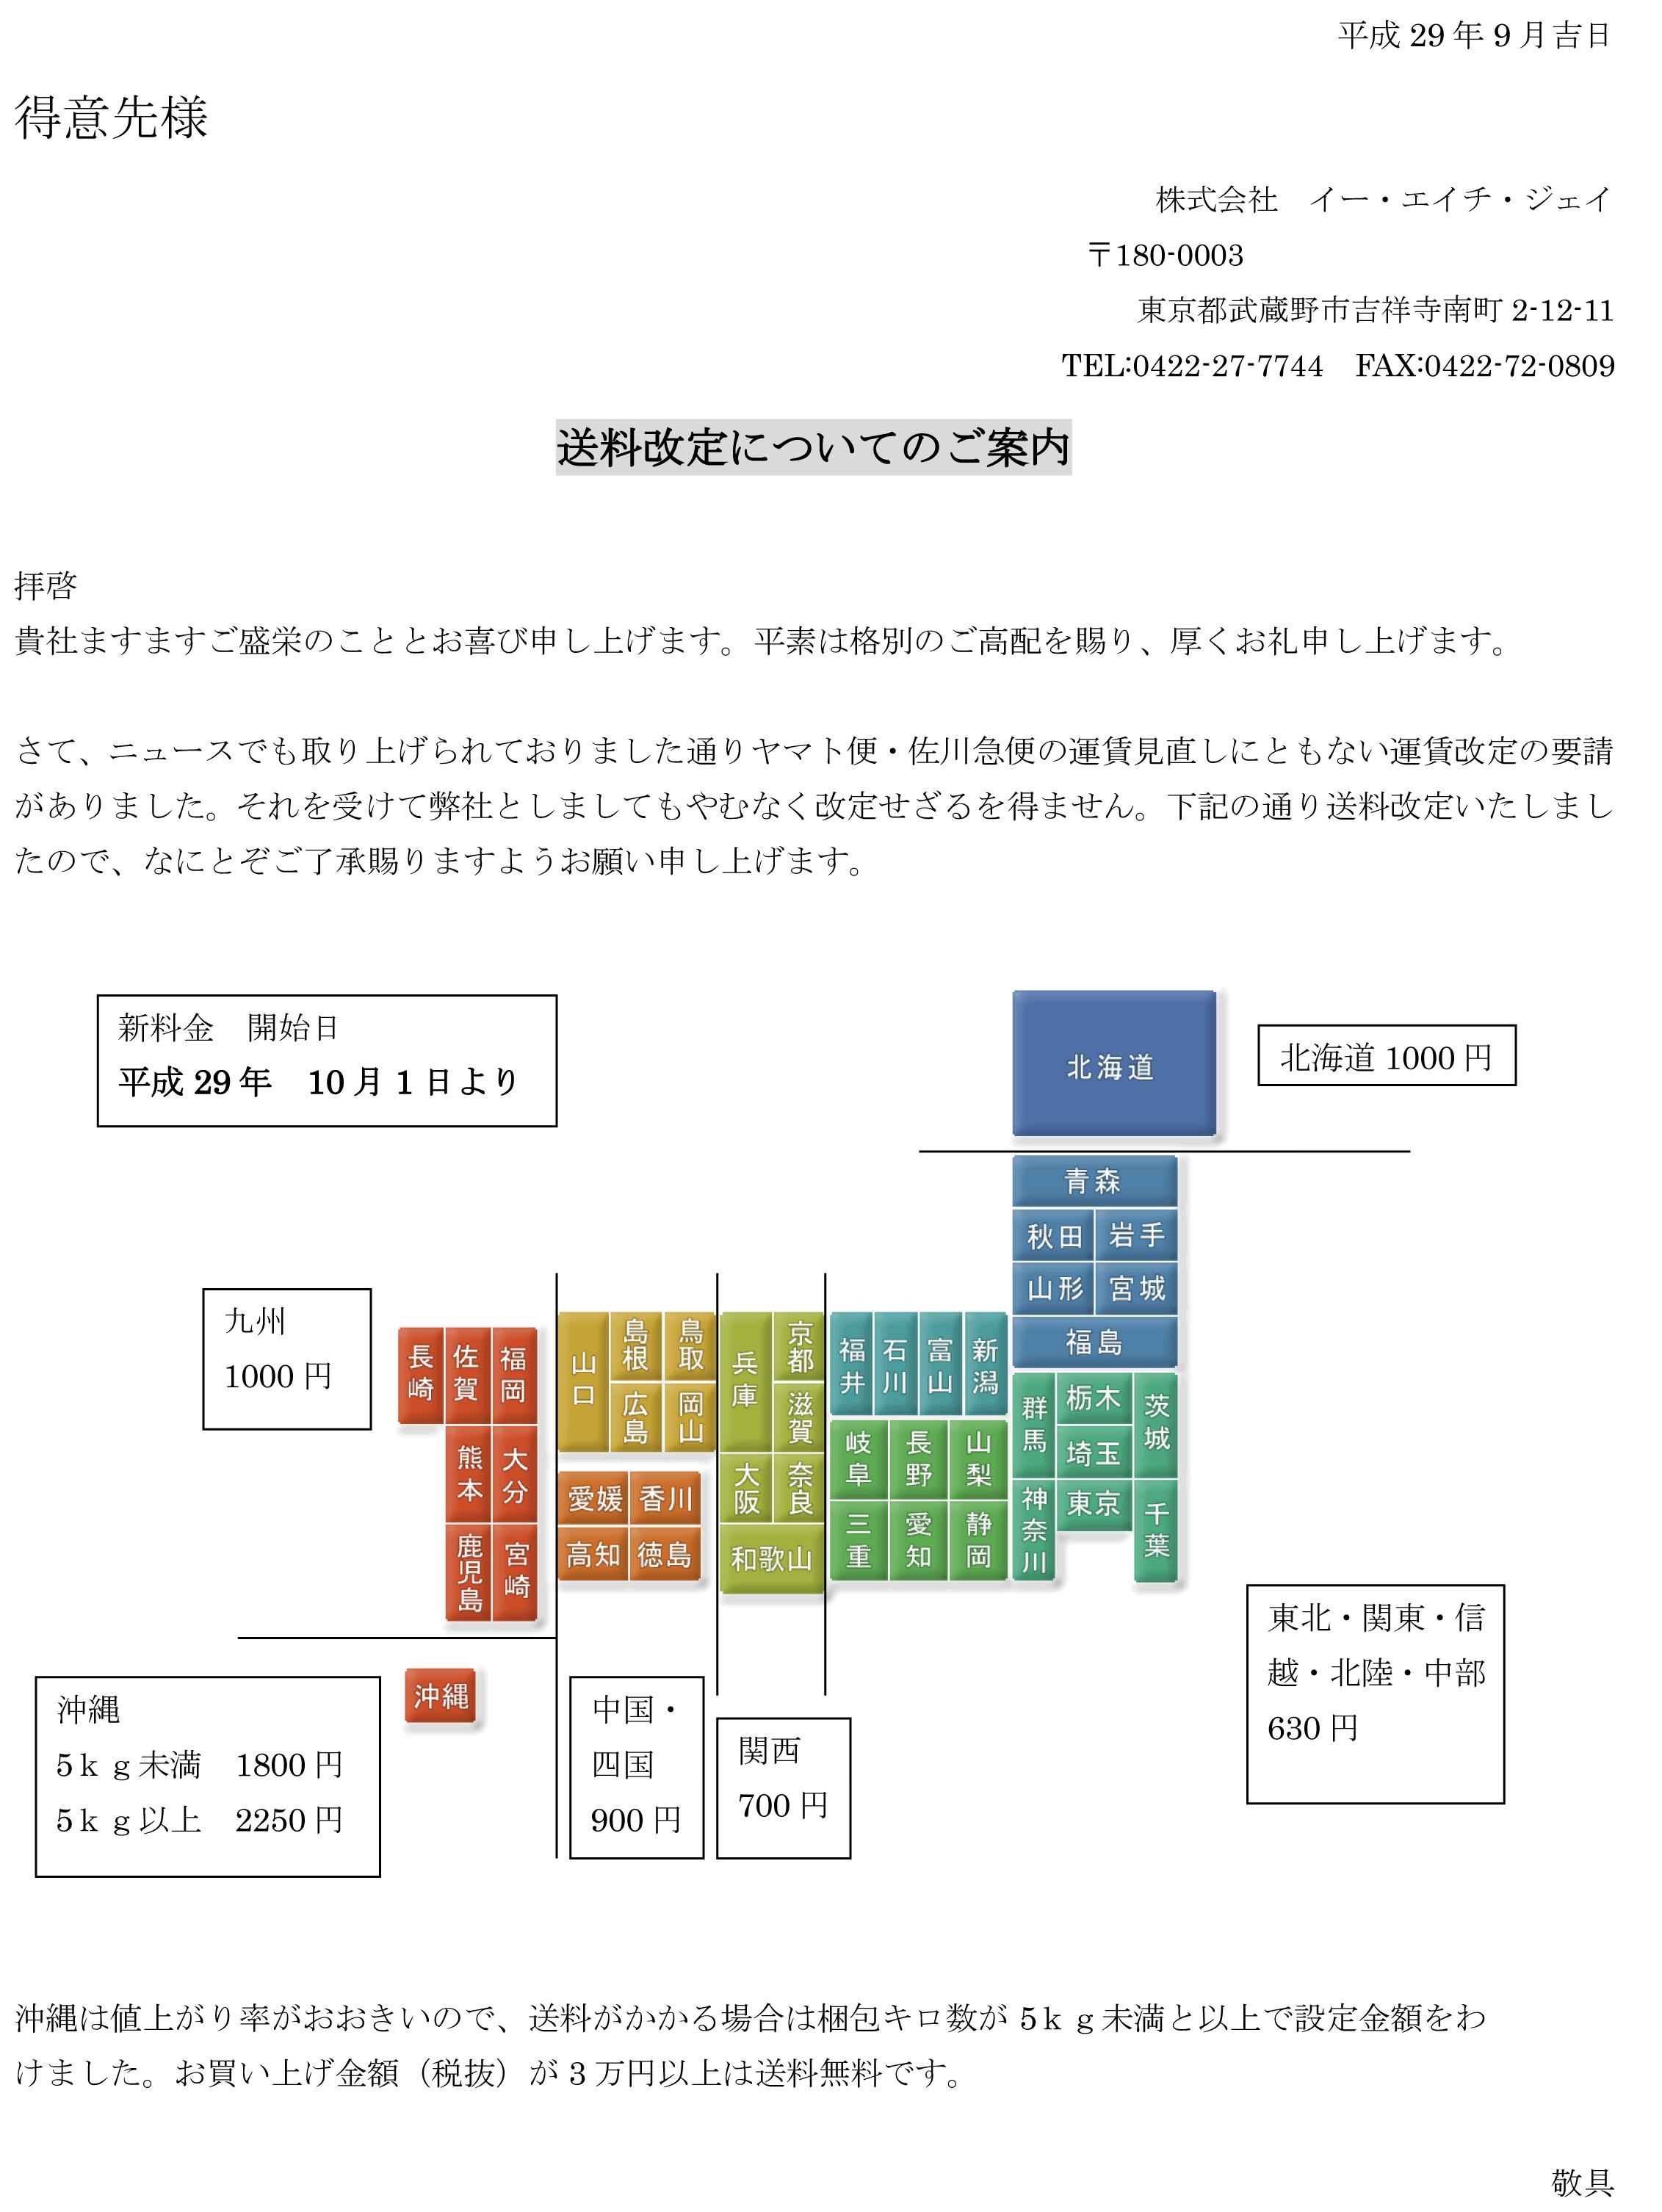 ファイル 46-1.jpg